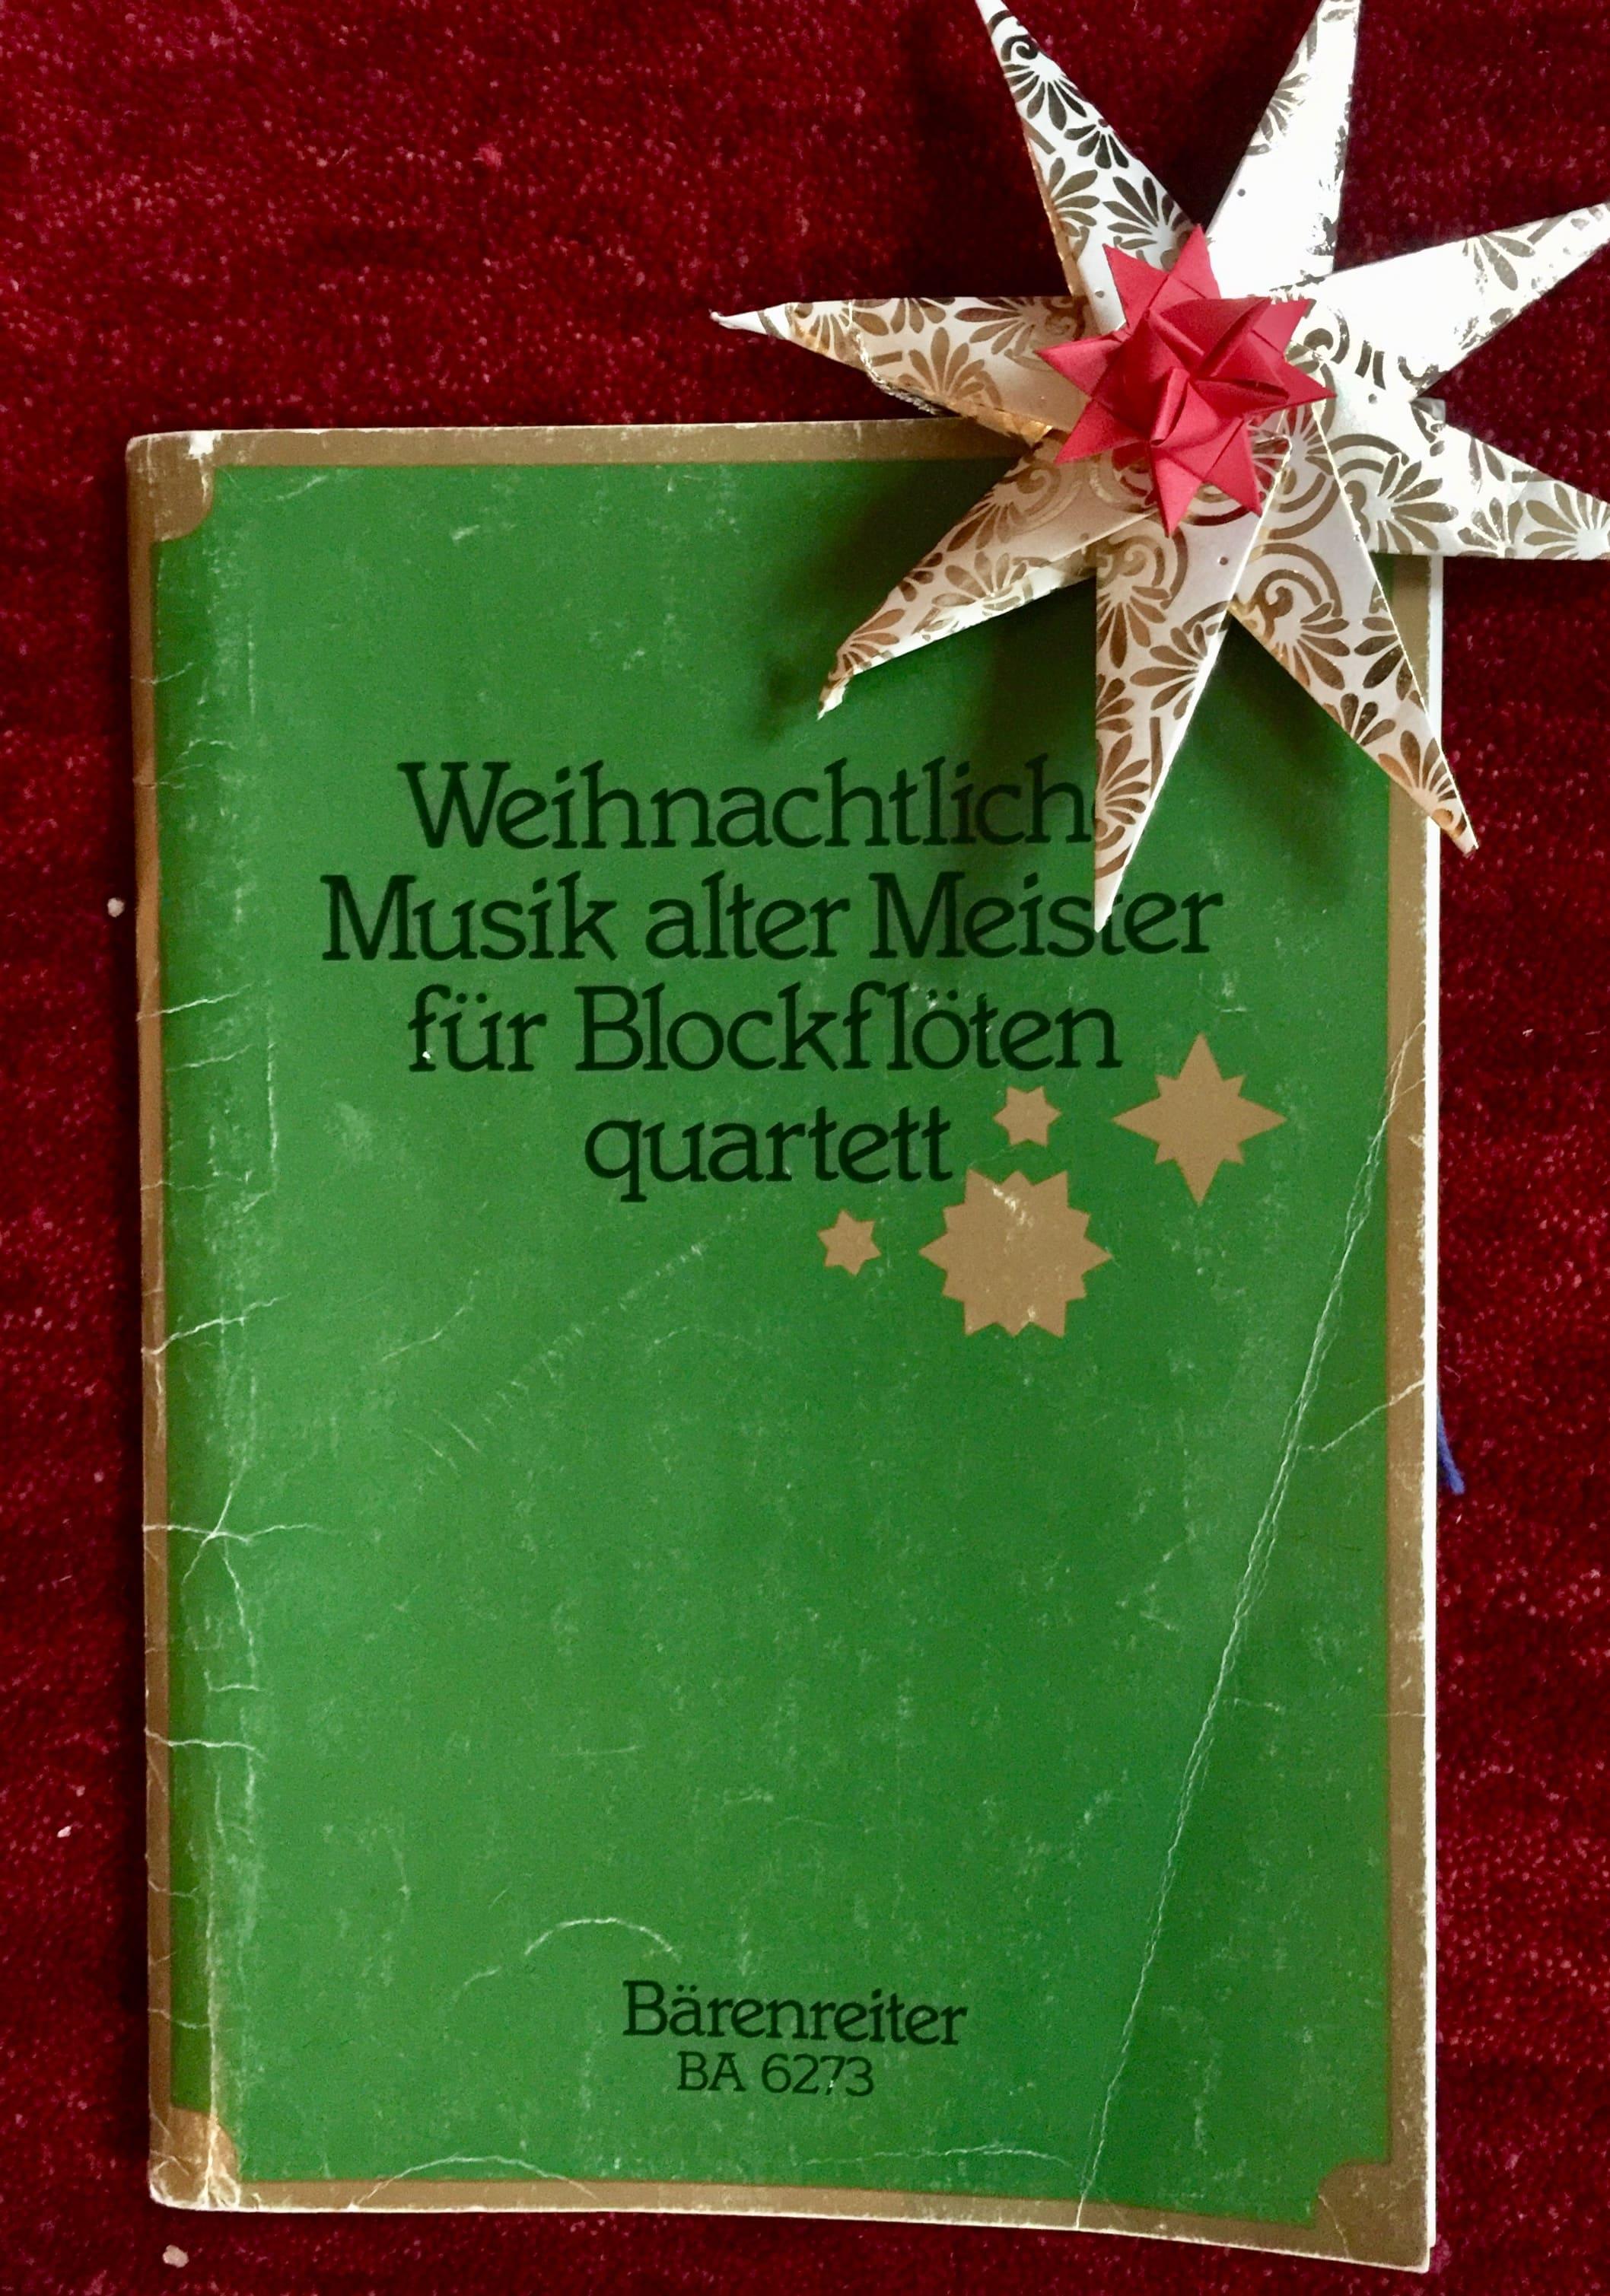 Weihnachtsliederbuch für Blockflötenquartett, grün